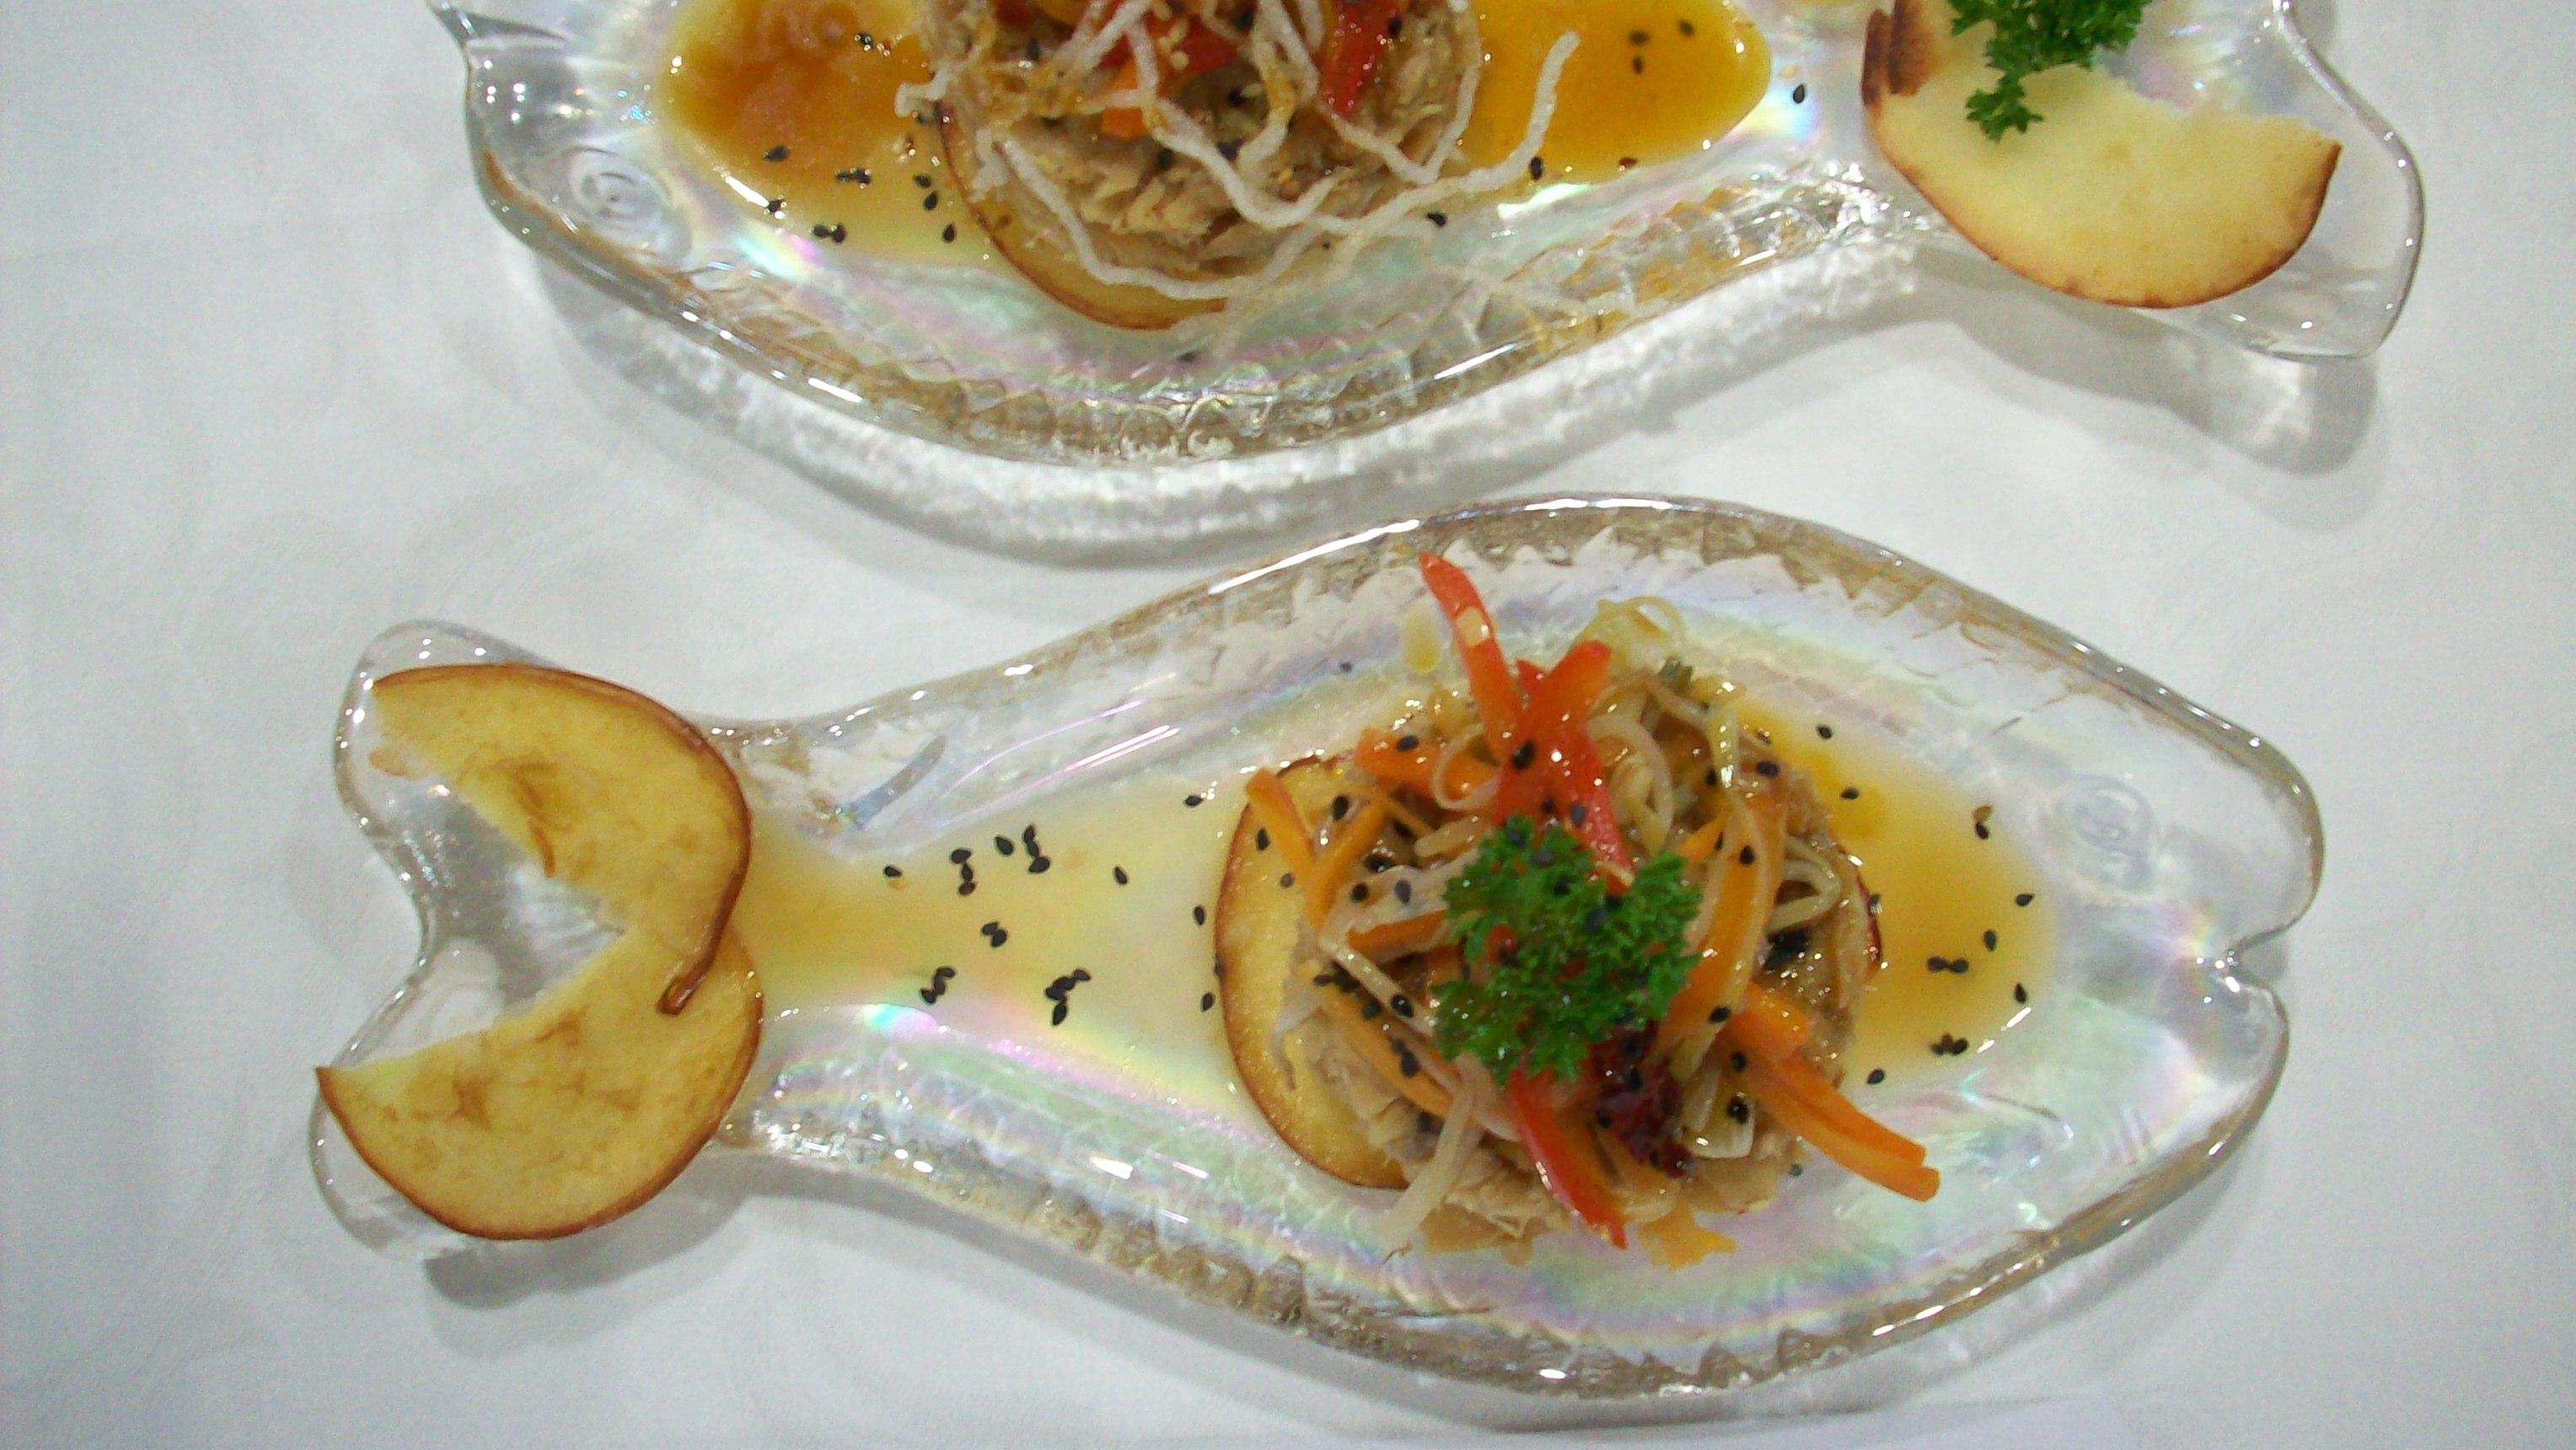 bacalao superior vs noruega 500 gr de cocochas de merluza o bacalao 2 ó 3 dientes de ajo en la foto inferior, cocochas de bacalao foto superior, cocochas de merluza resumen nombre.